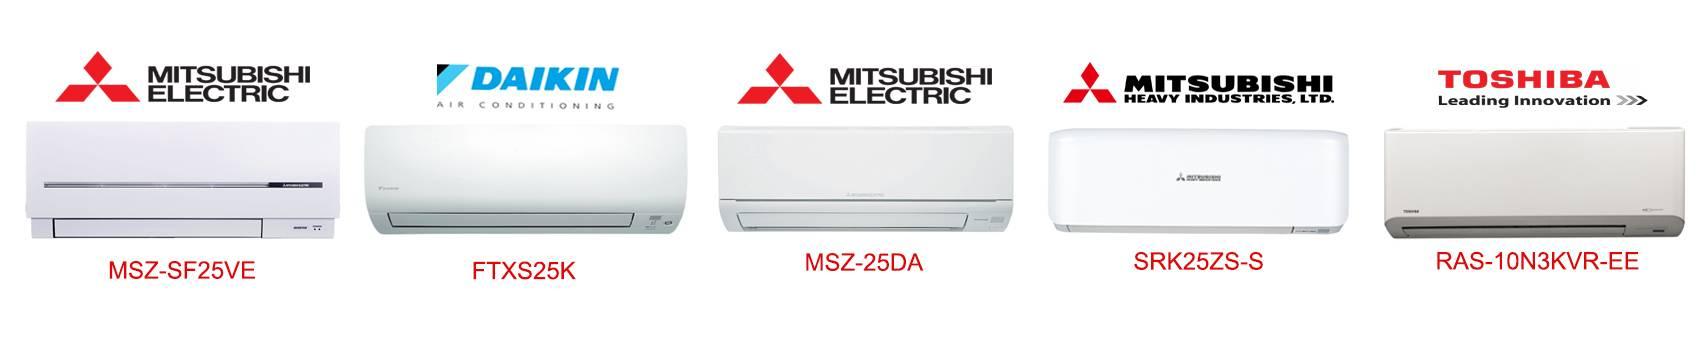 Сплит-системы mitsubishi electric: топ-10 лучших моделей, отзывы + советы по выбору